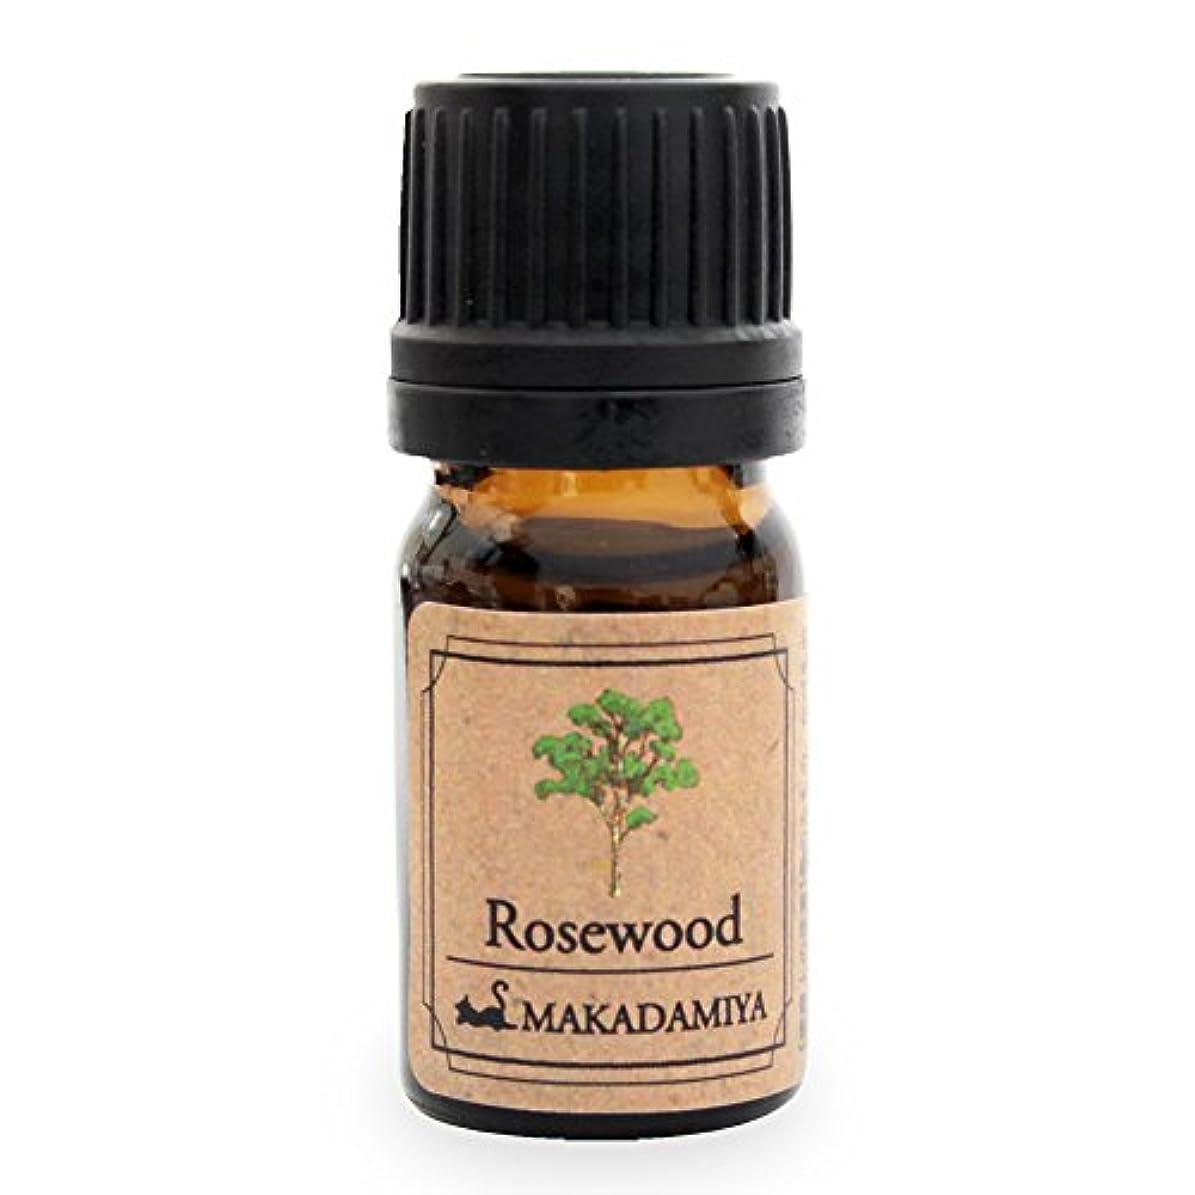 鬼ごっこノミネート不従順ローズウッド5ml 天然100%植物性 エッセンシャルオイル(精油) アロマオイル アロママッサージ aroma Rosewood